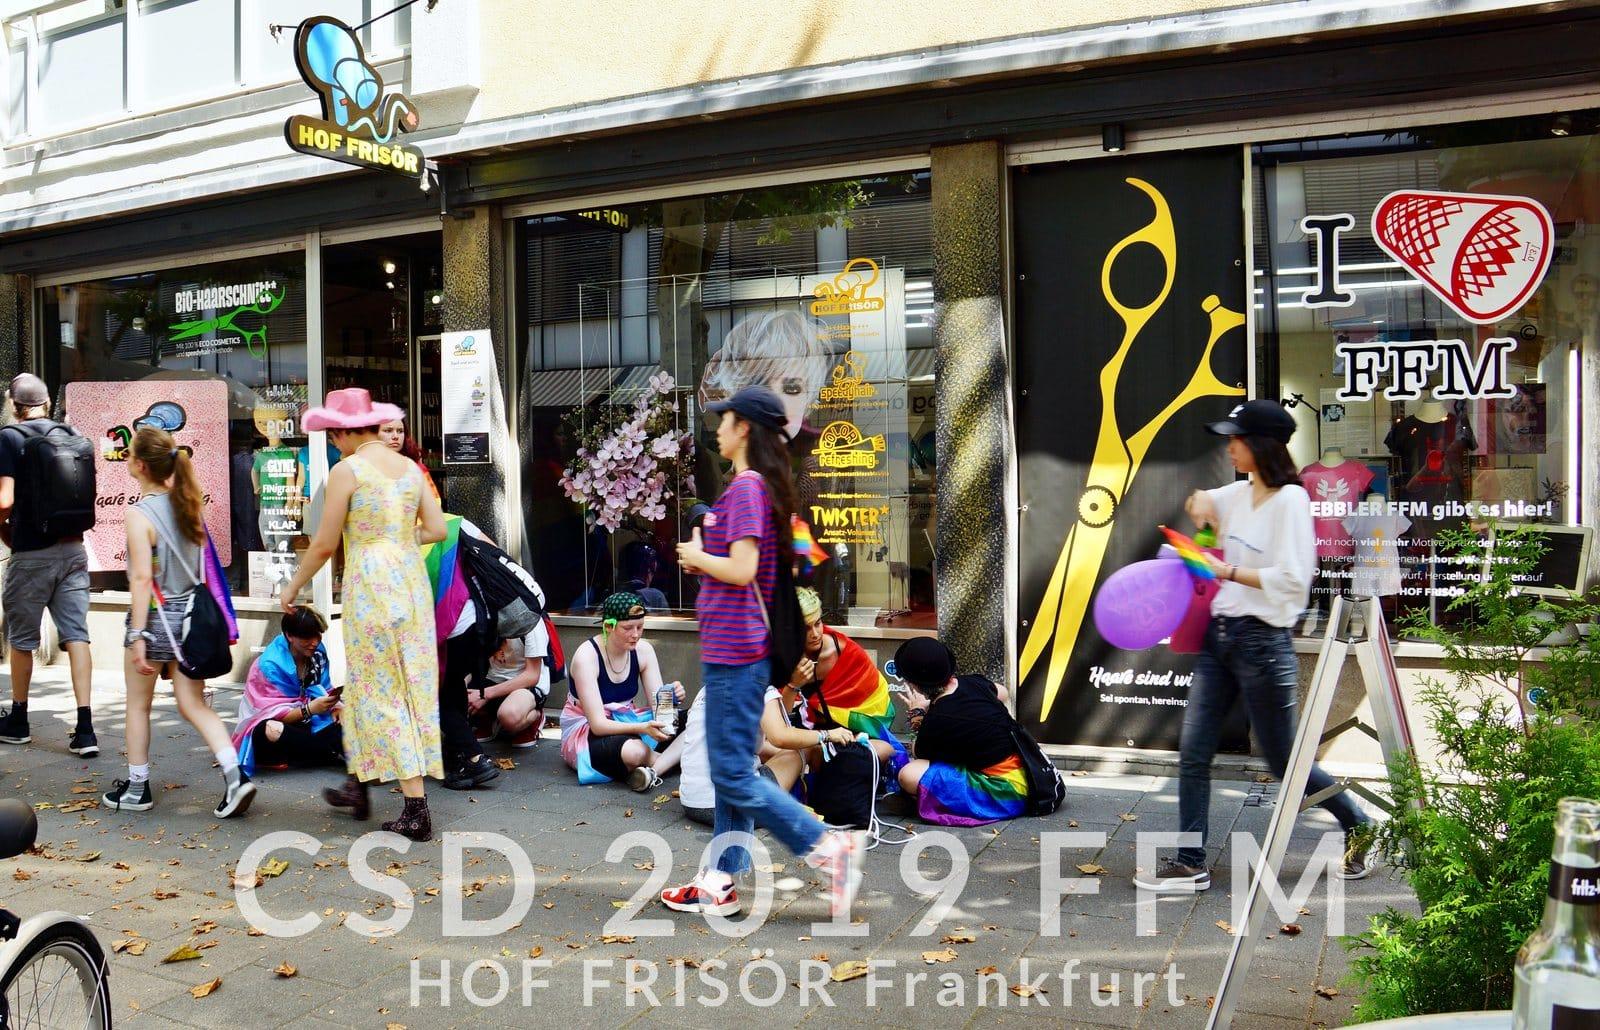 © HOF FRISÖR Juli 2019: CSD Frankfurt 2019 — wir sind mittendrin + dabei …